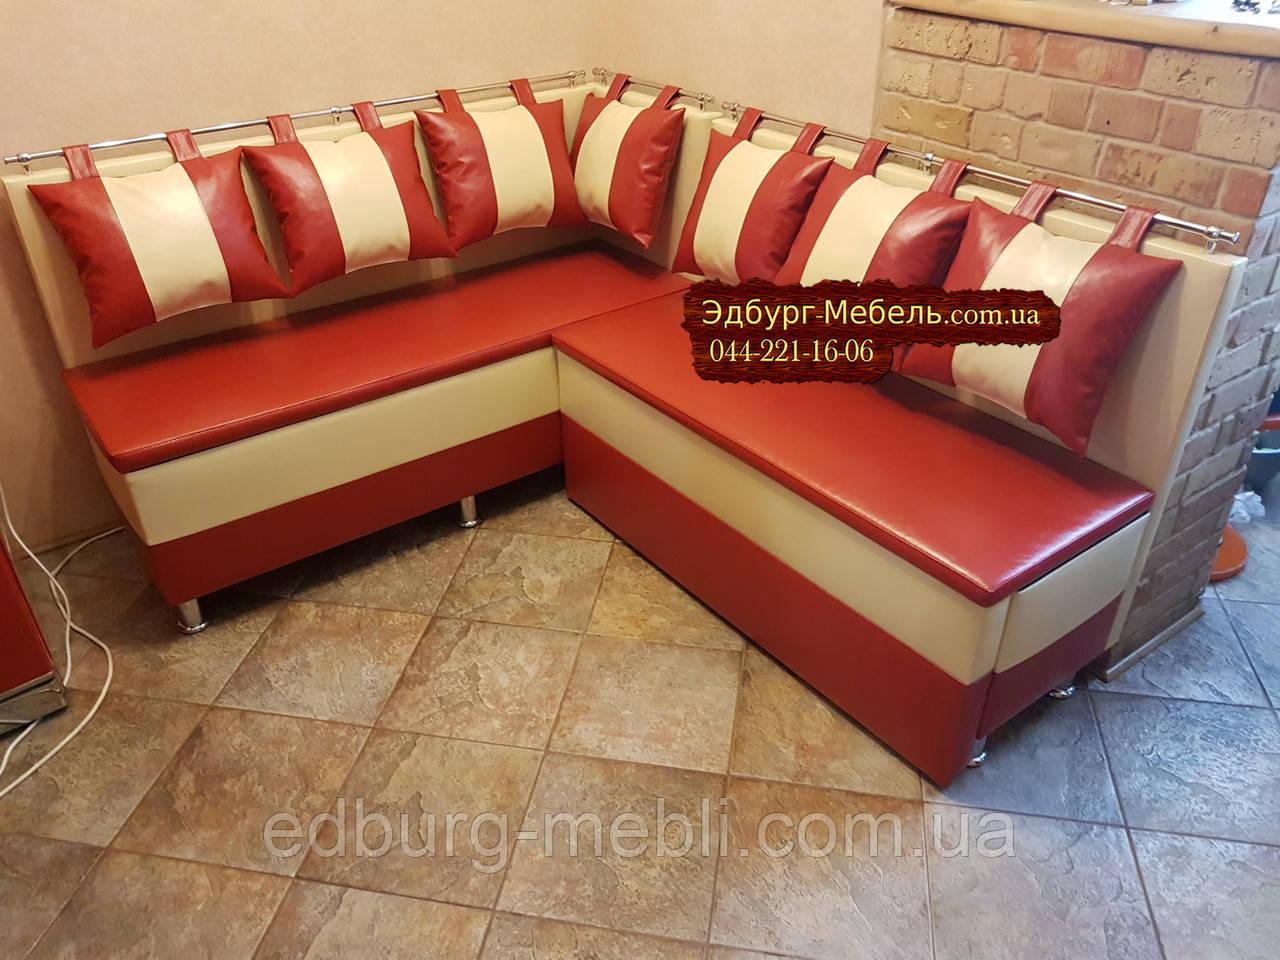 Кухонный диван со спальным местом на тонких сидушках, фото 1